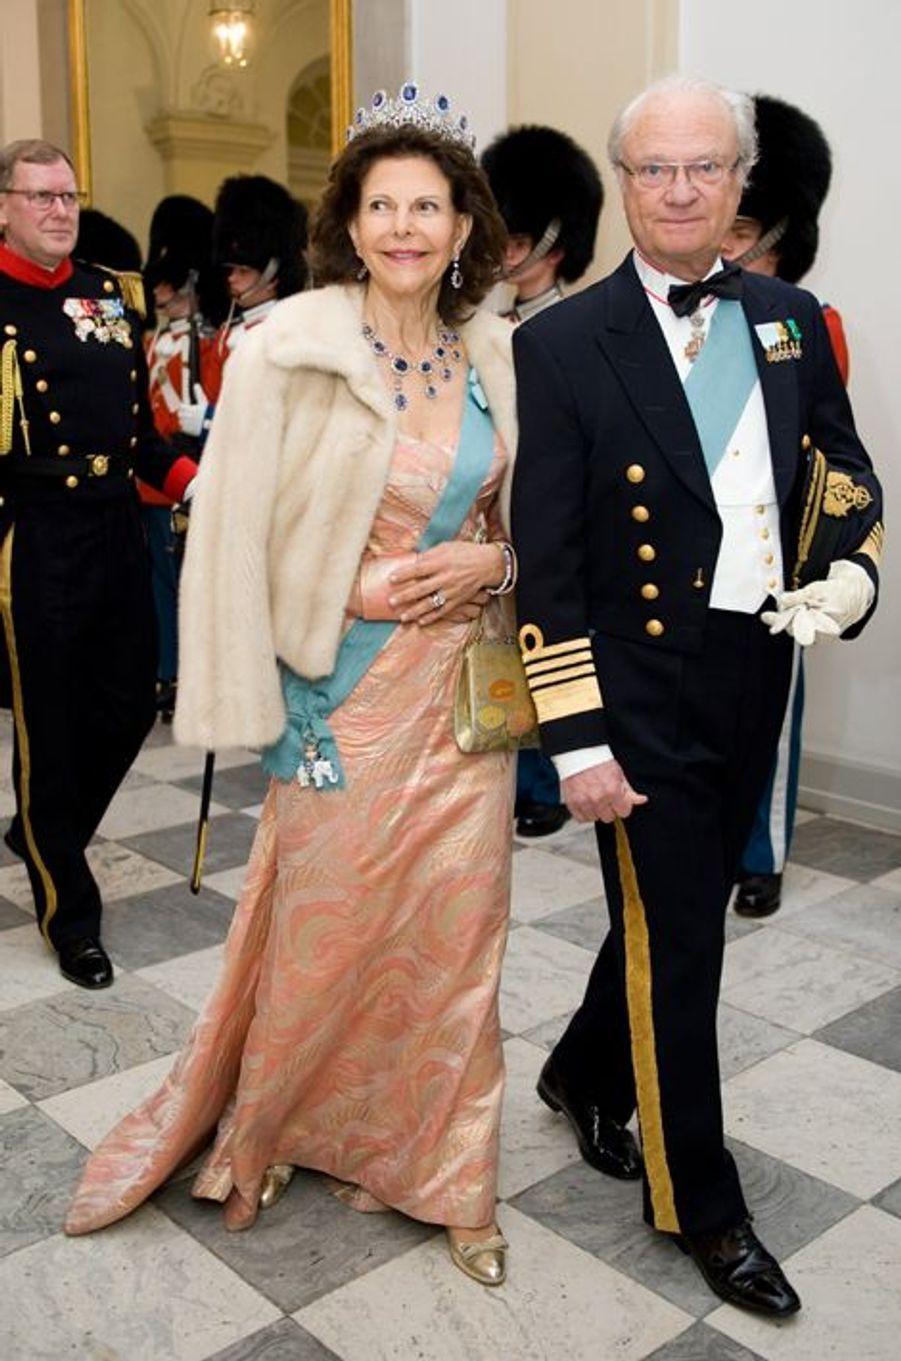 Le roi Carl XVI Gustaf de Suède et la reine Silvia à Copenhague, le 15 avril 2015